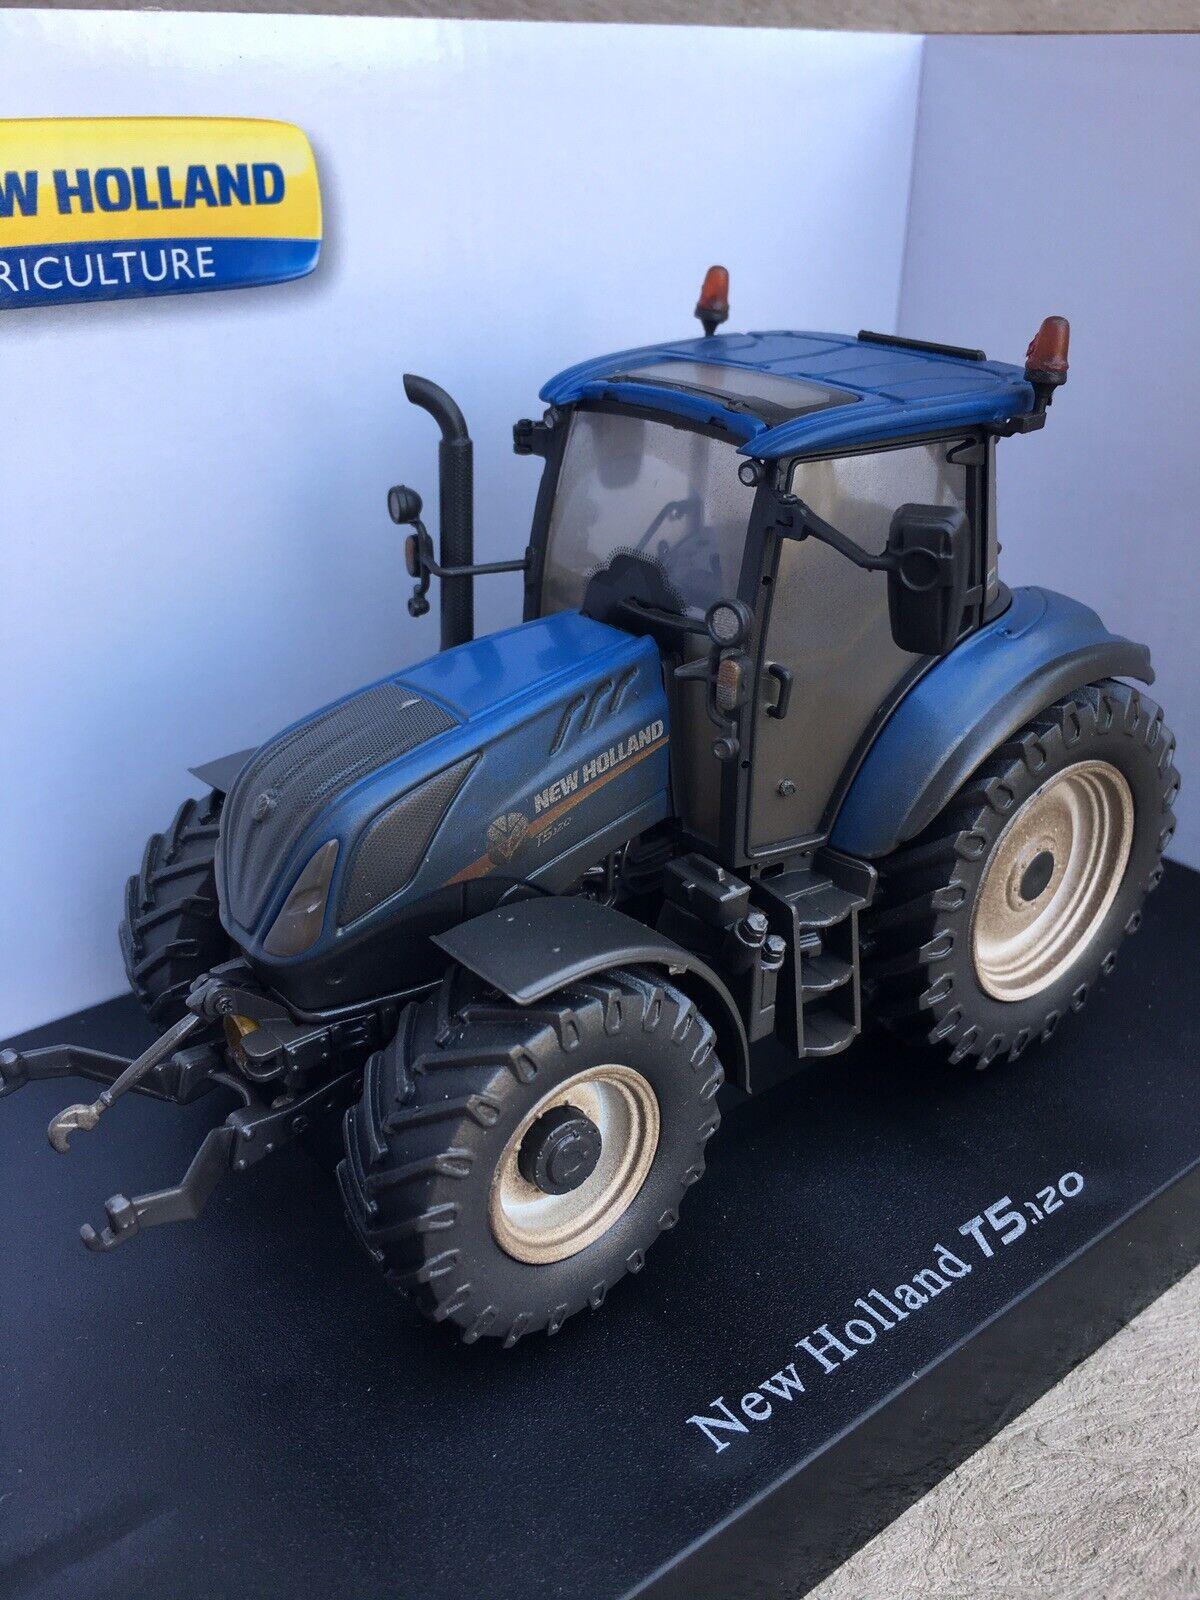 Dusty Weatherouge Universal Hobbies nouveau Holland T5.120 Tractor 1 32  Scale TRAKTOR  détaillant de fitness